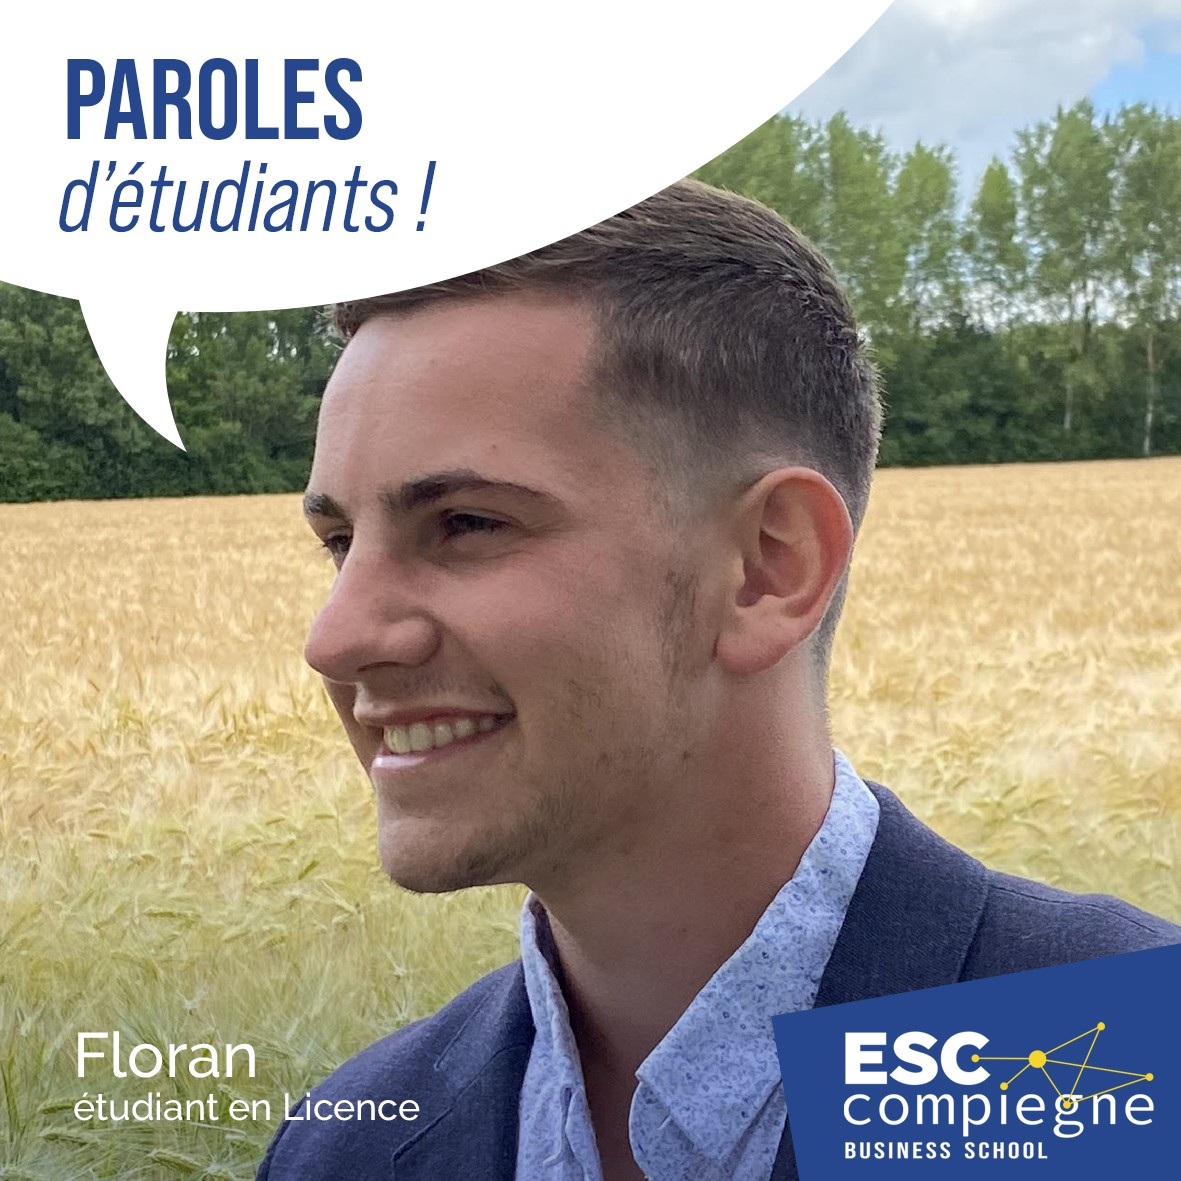 ESCC-Temoignage-Floran